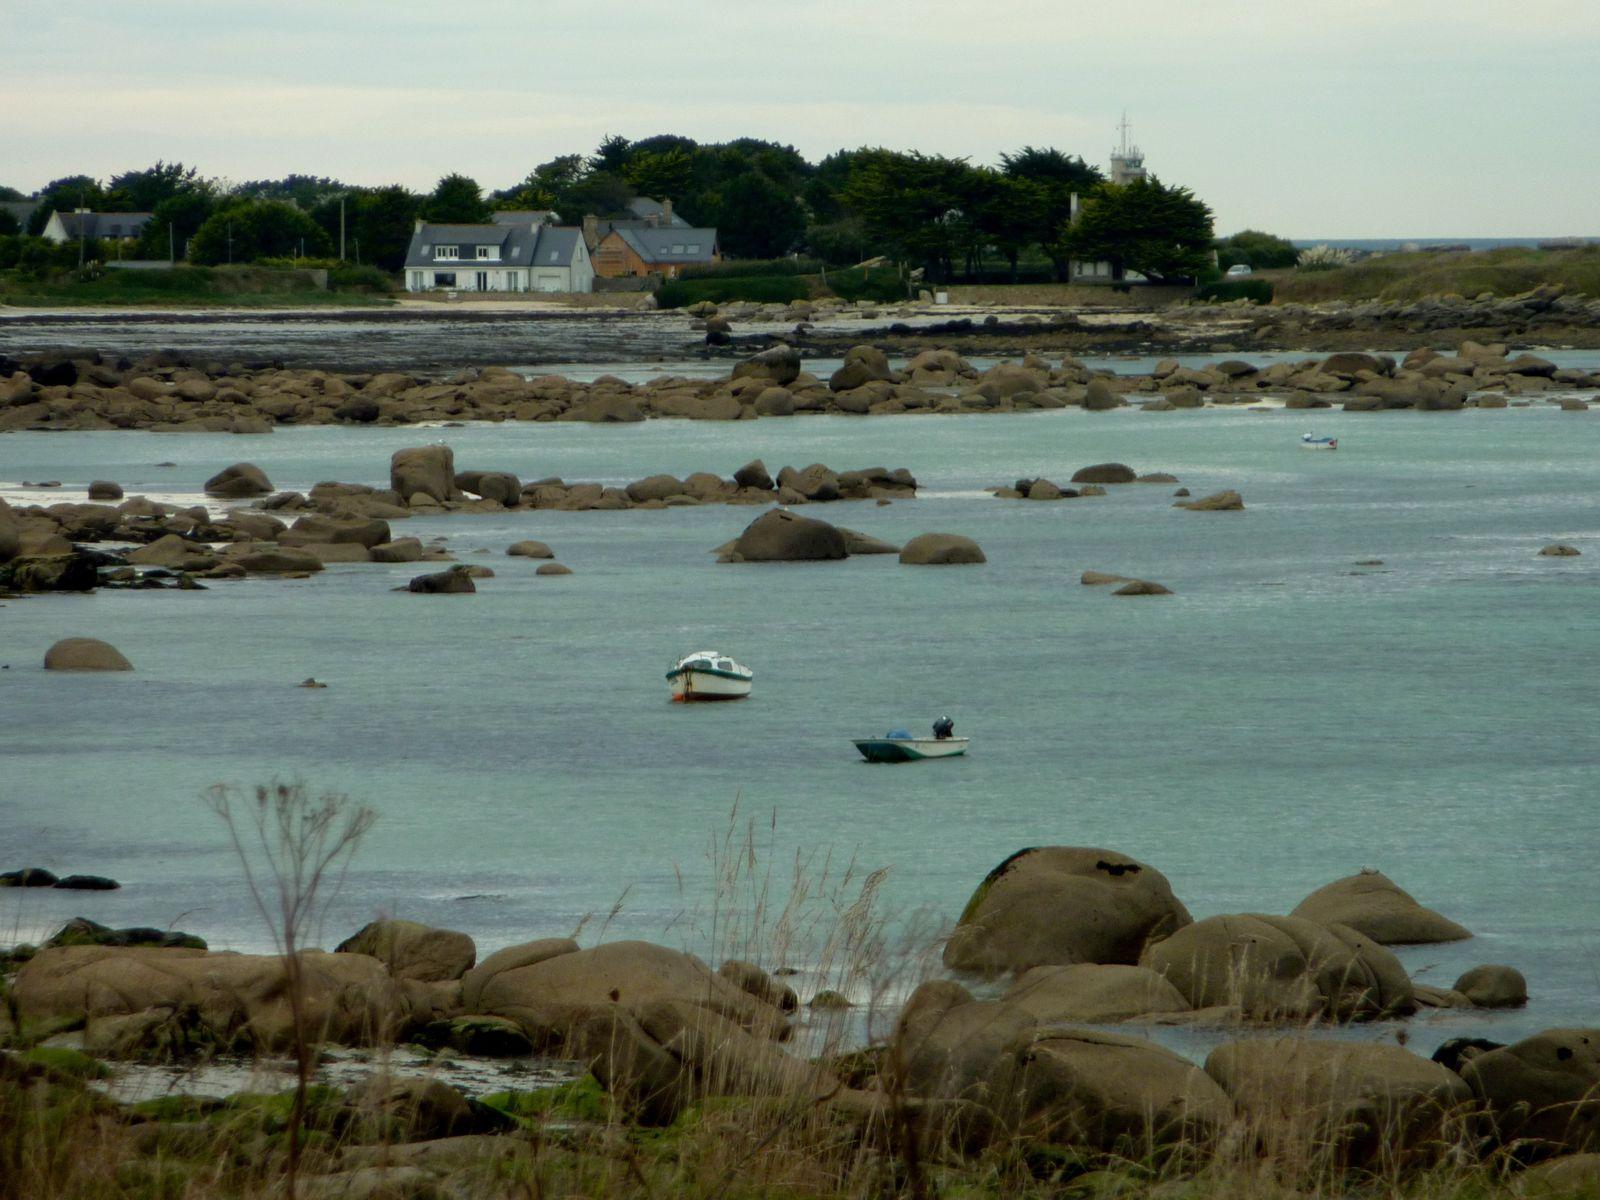 Activité de saison : les tracteurs s'activent sur la plage à ramasser le goemon